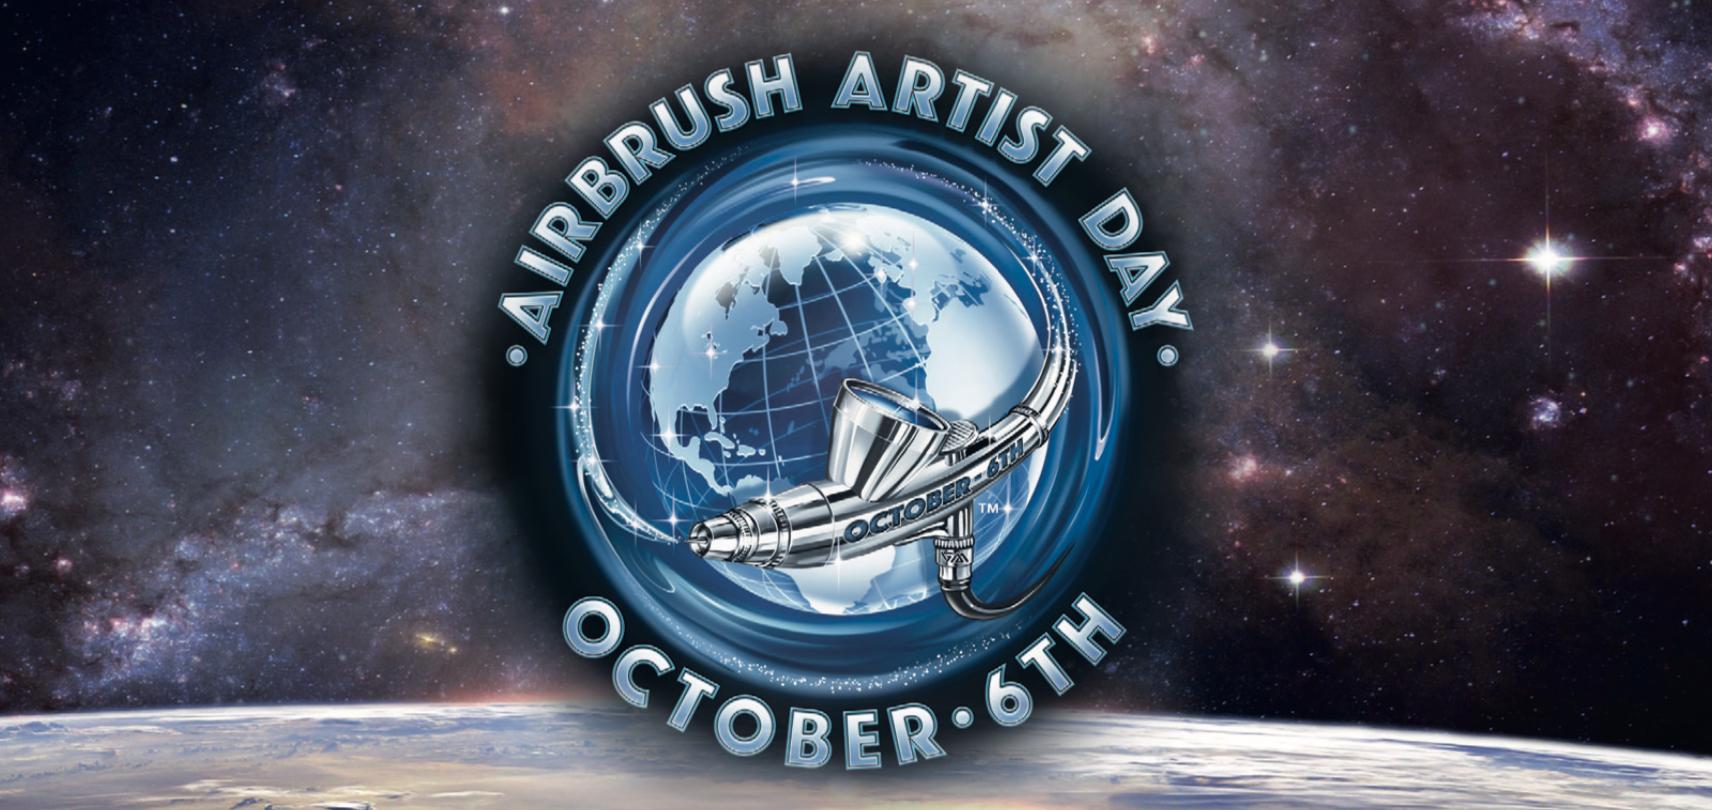 Airbrush Artist Day 2020: Considering Corona